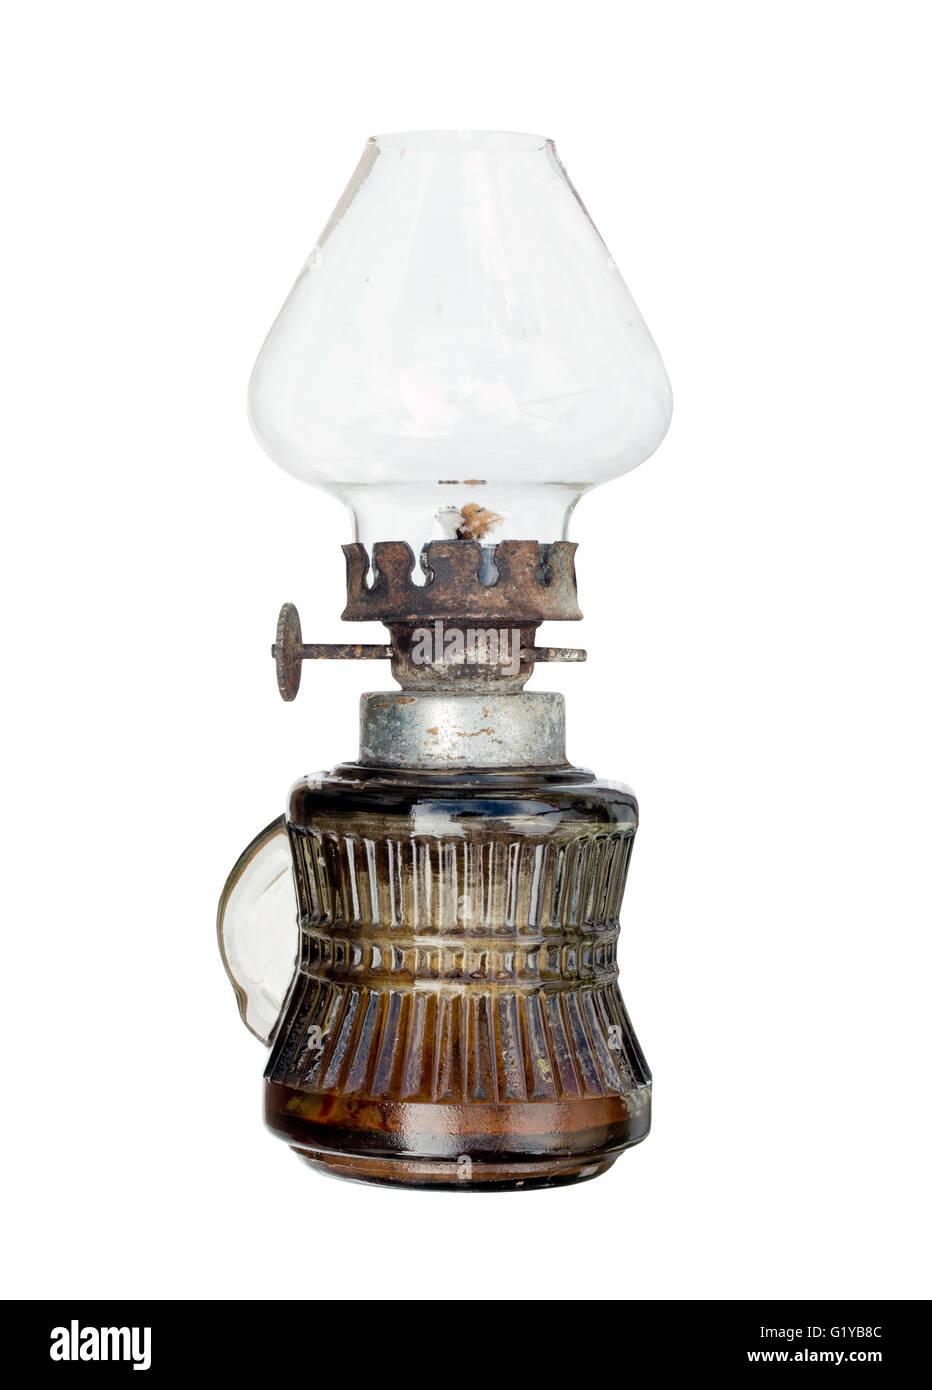 Old and used kerosene lamp on white background - Stock Image